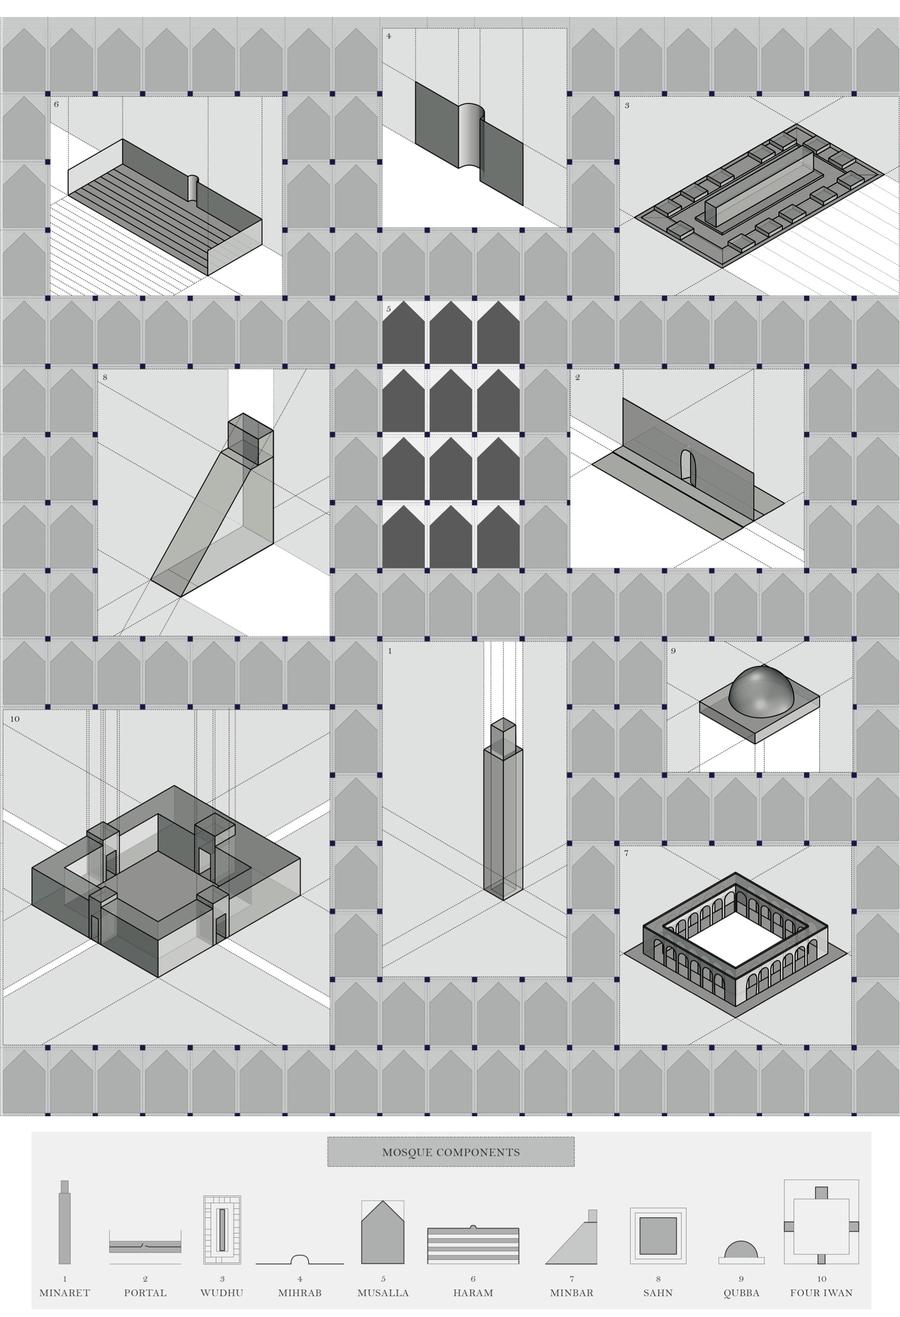 Y5_SarishYounis_Design PortfolioA 21 copy